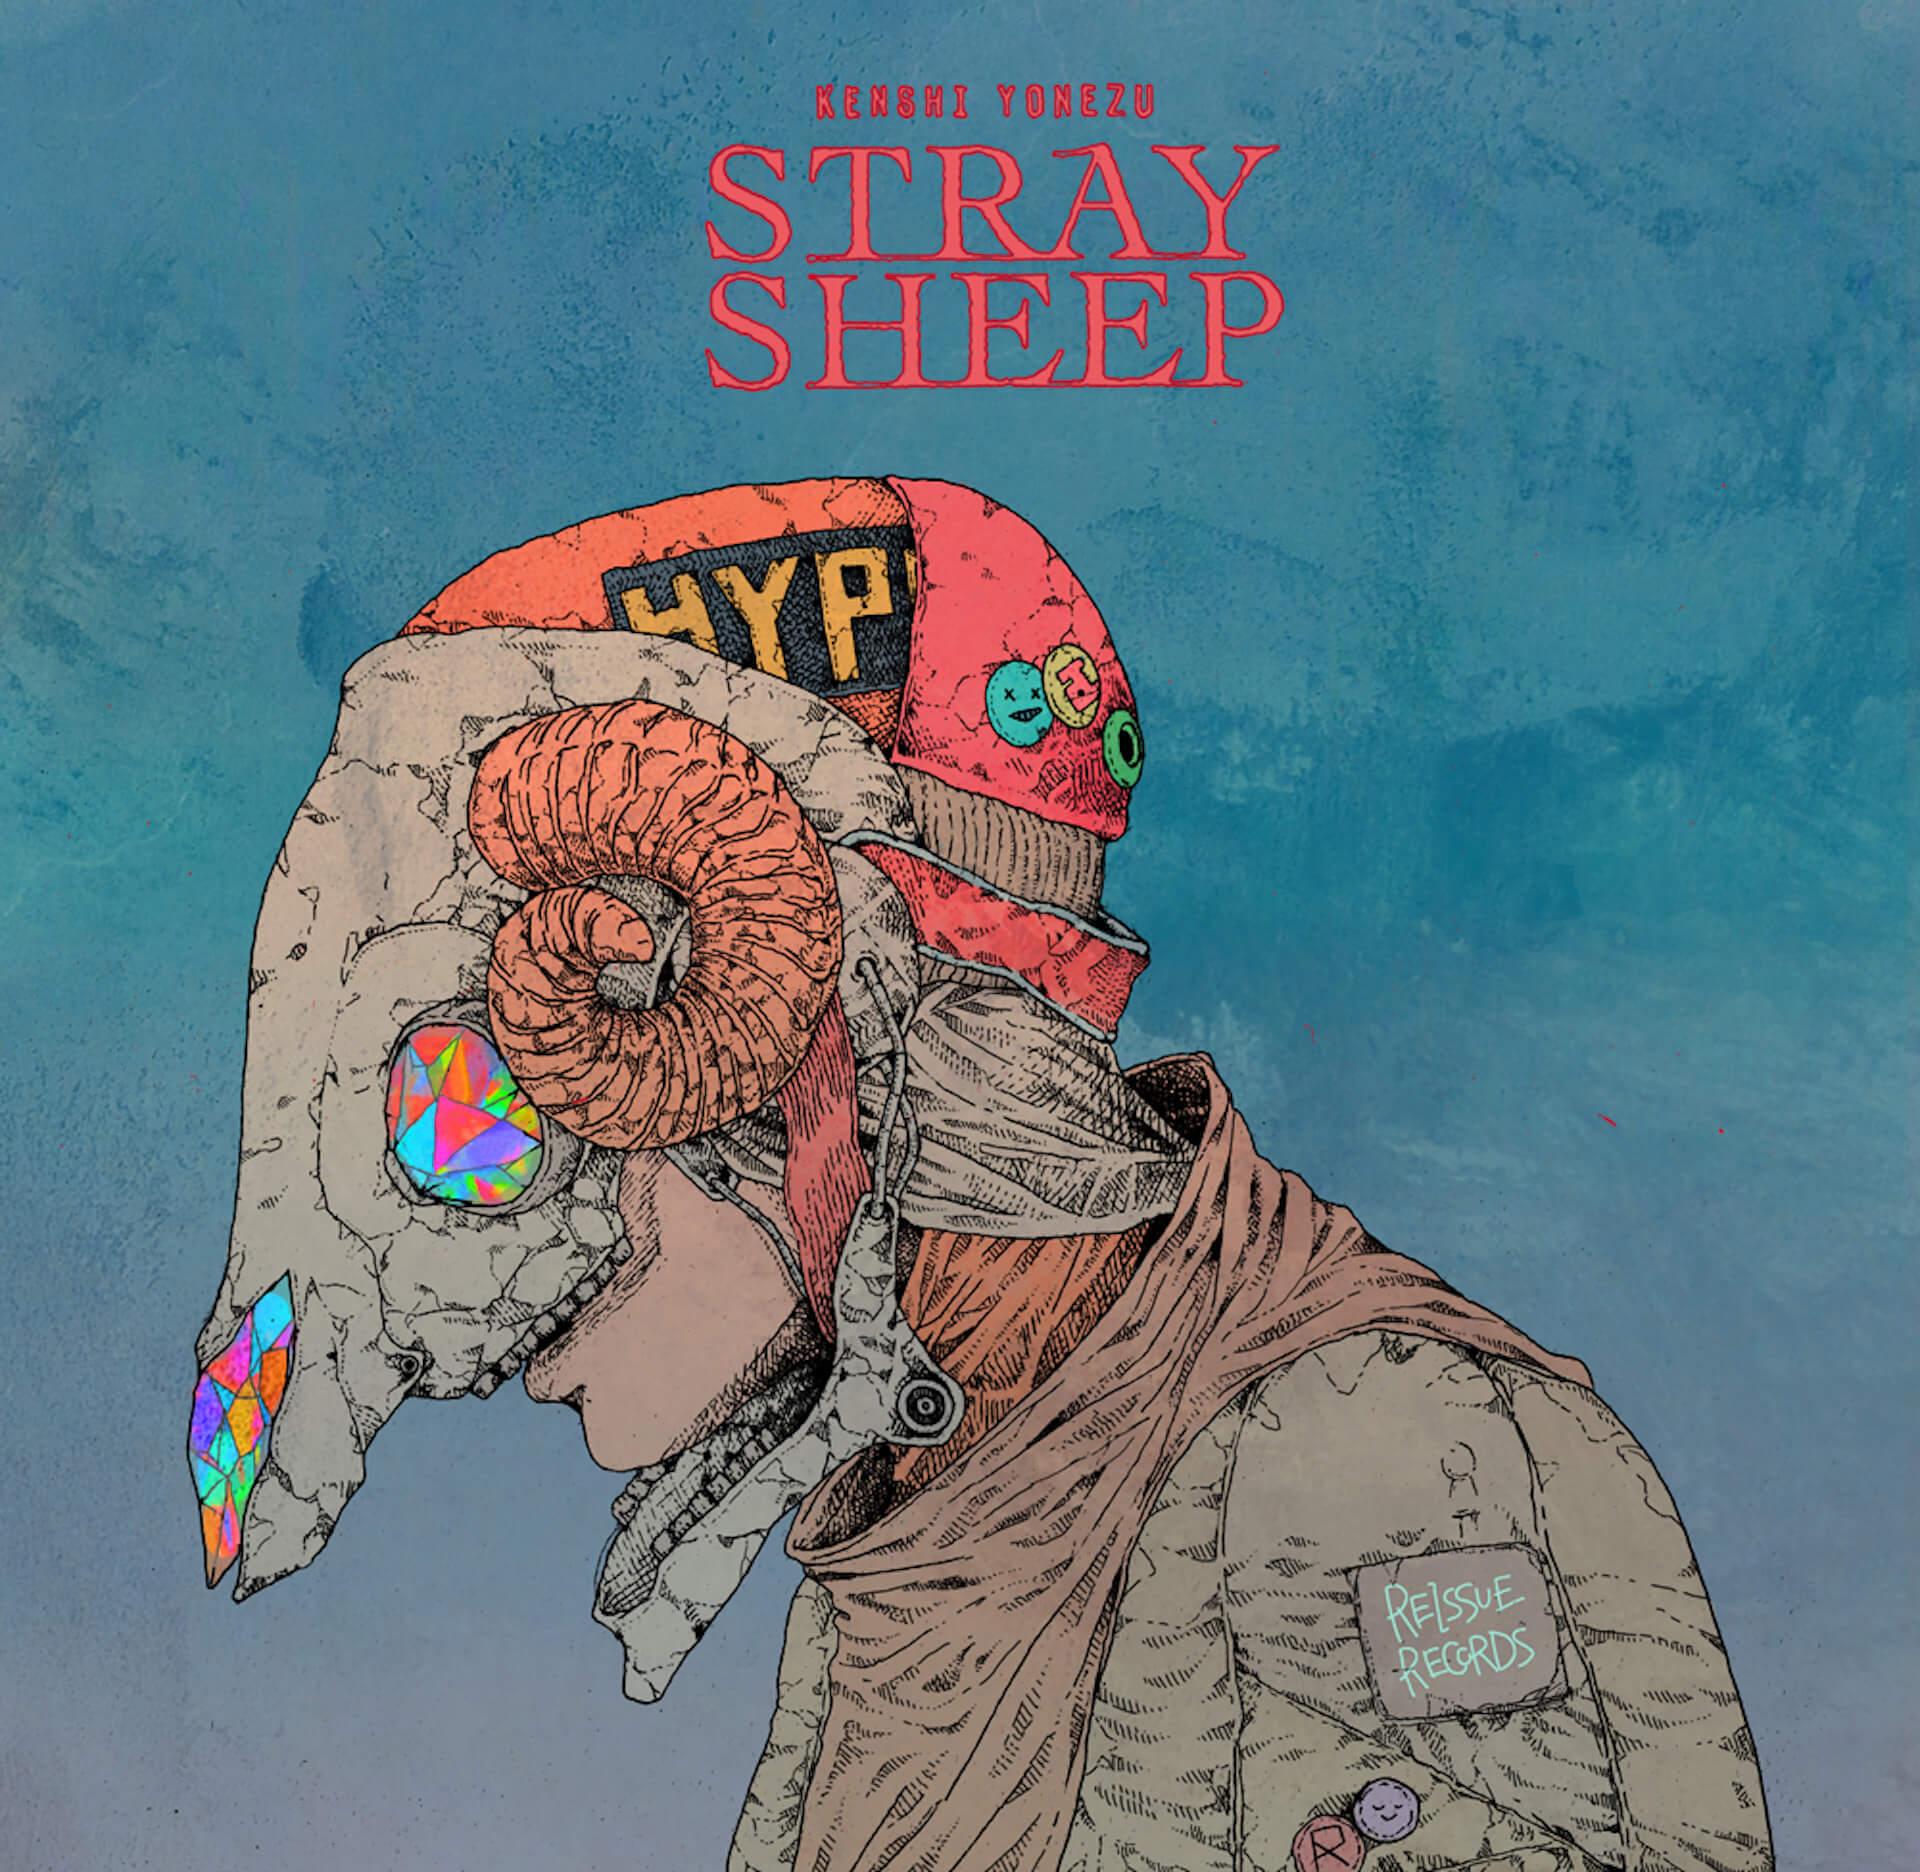 米津玄師が『ROCKIN'ON JAPAN』9月号で『STRAY SHEEP』を語り尽くす!表紙解禁&ロングインタビュー収録決定 music200722_yonezukenshi_rockinonjapan_3-1